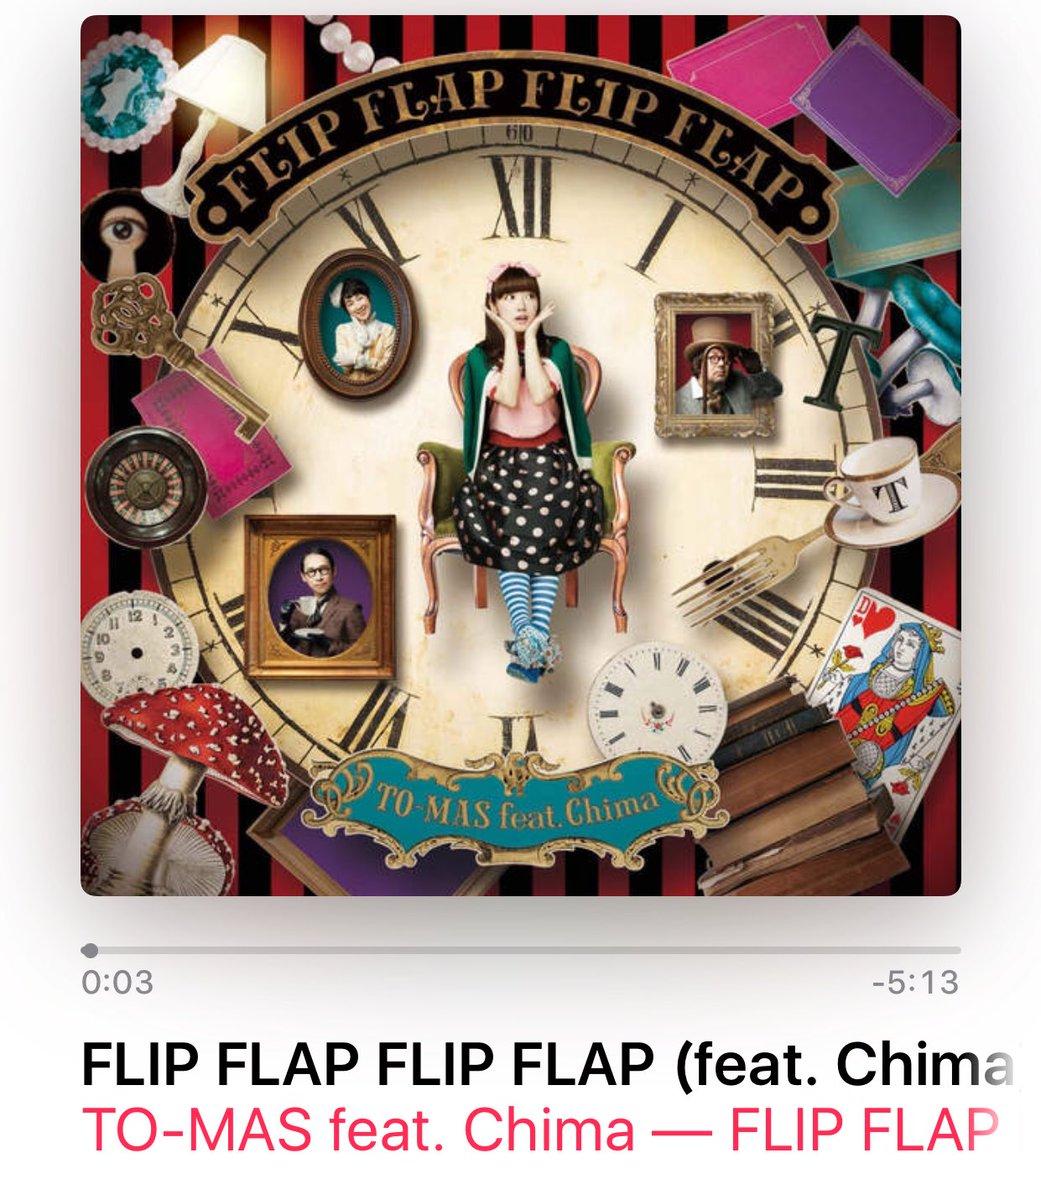 iTunes Storeでフリップフラッパーズのエンディングテーマ『FLIP FLAP FLIP FLAP』買いました。